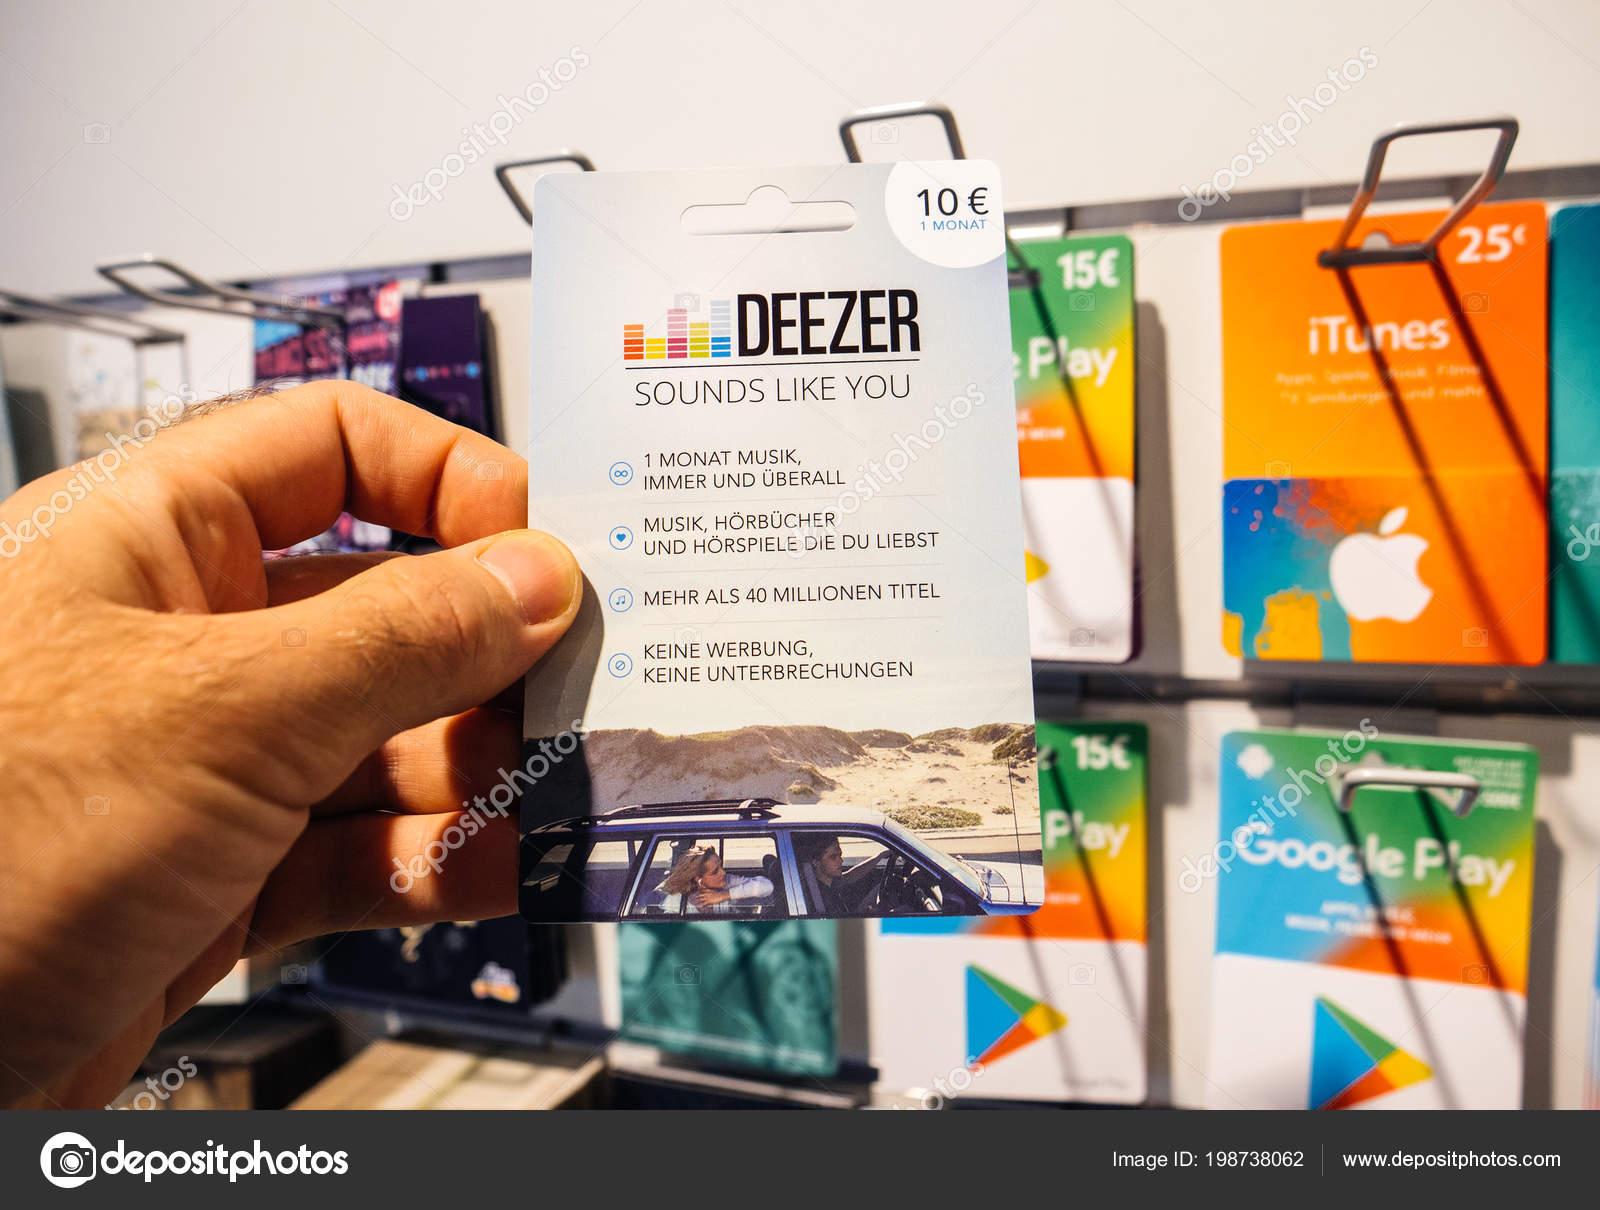 deezer karte Mann Hand Sicht Kunde Einkaufen Prepaid Karte — Redaktionelles  deezer karte